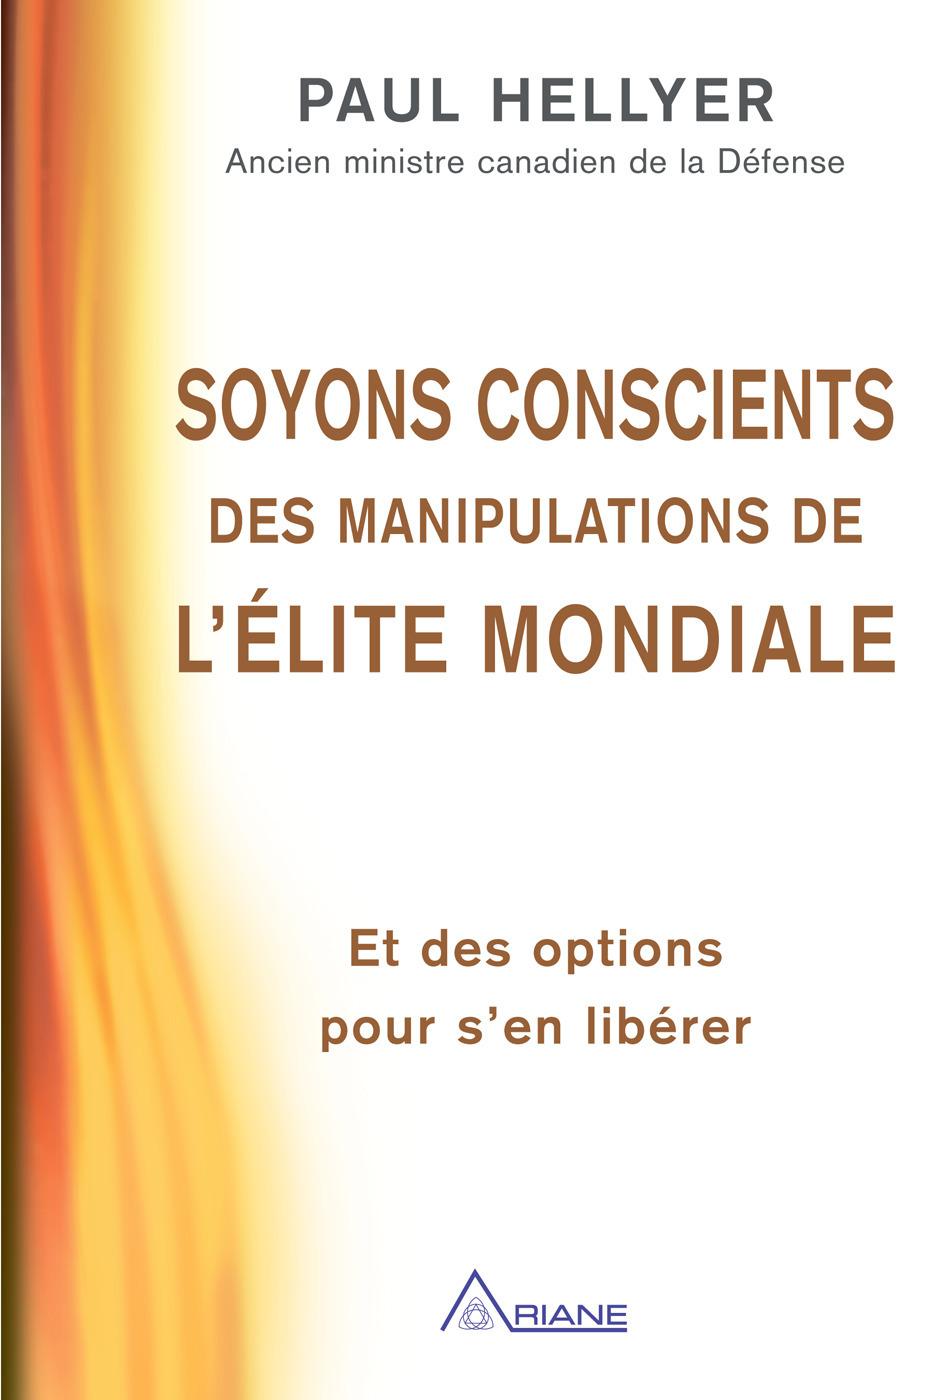 Paul Hellyer Soyons conscients des manipulations de l'élite mondiale